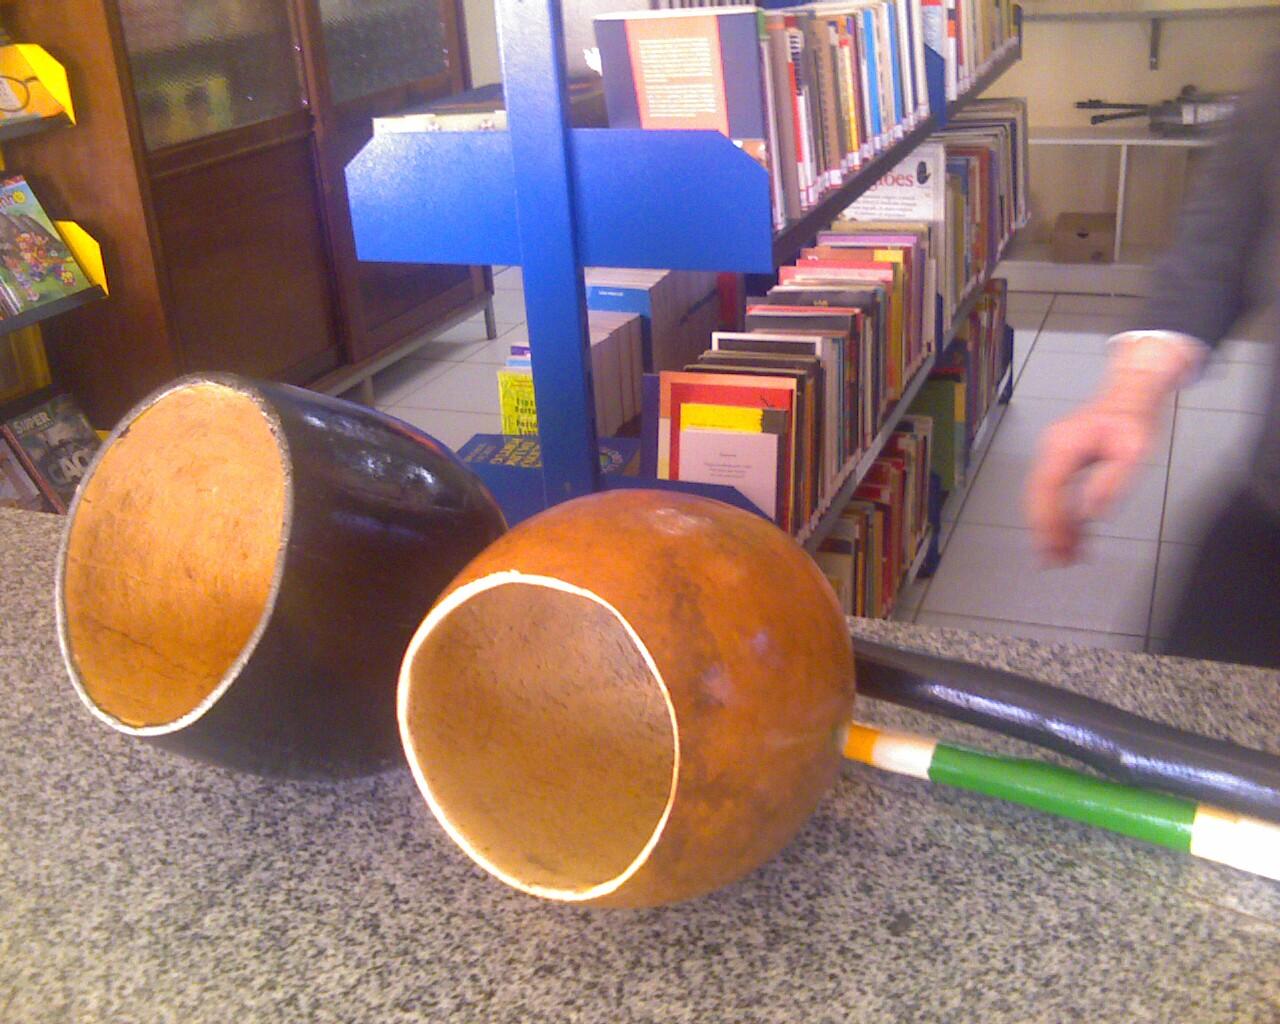 o berimbau e a biblioteca em #xanxere @pontossc #culturaviva